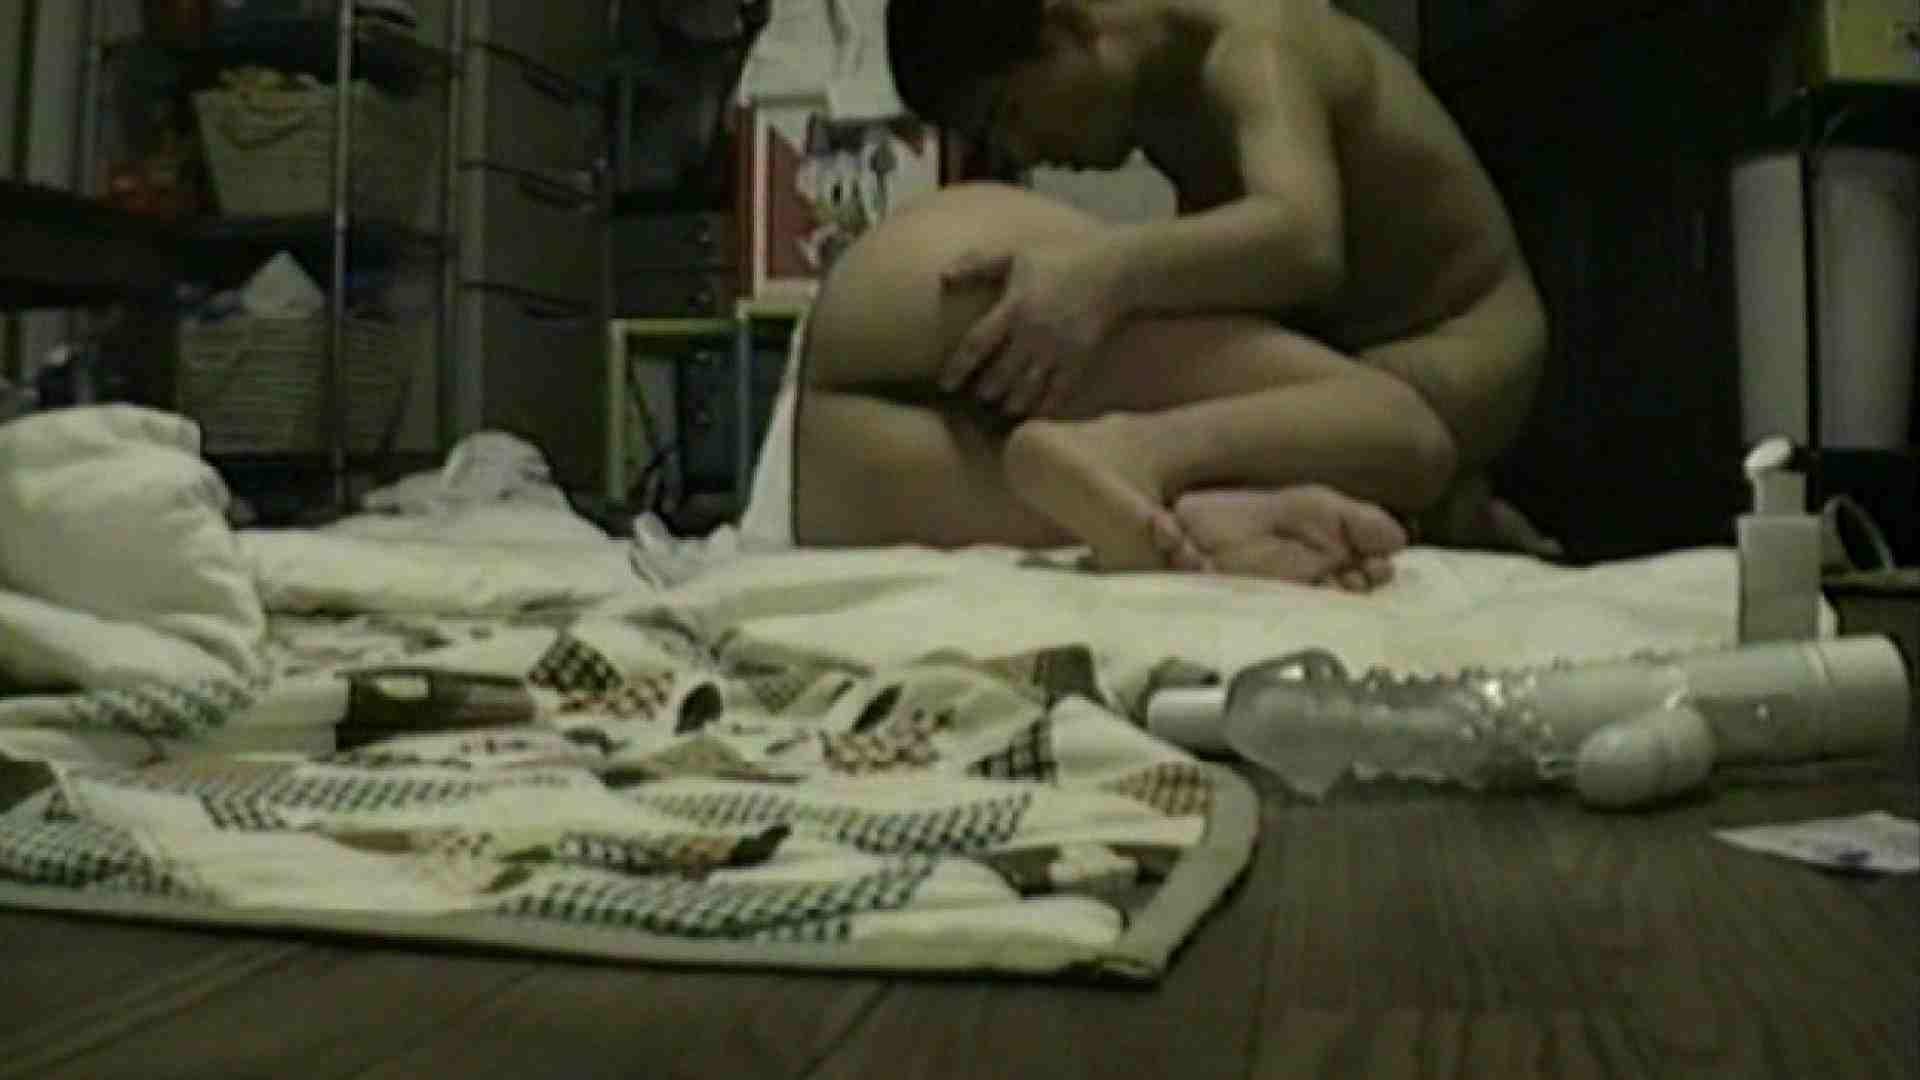 最愛の妻 TAKAKO 愛のSEX Vol.03 SEX映像  87pic 80